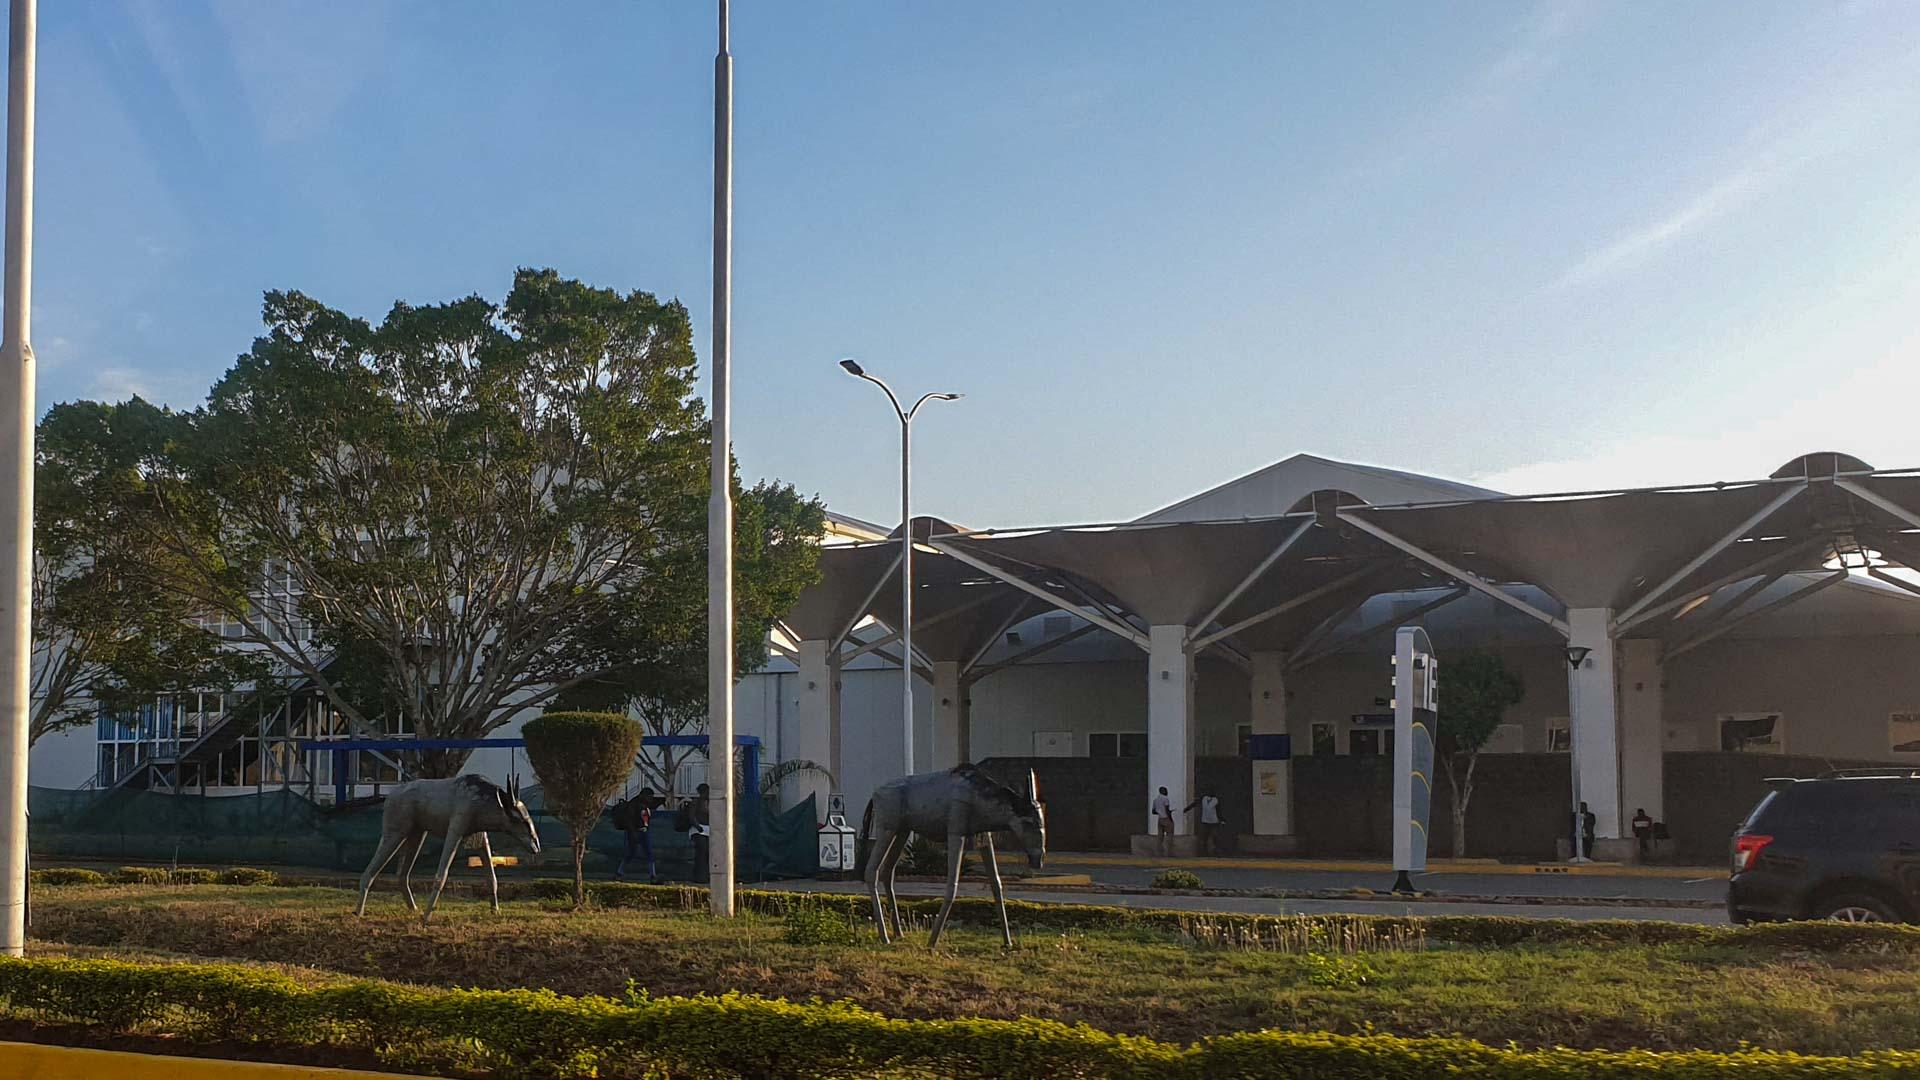 Gacelas en el Aeropuerto Internacional Jomo Kenyatta, Nairobi, Kenia